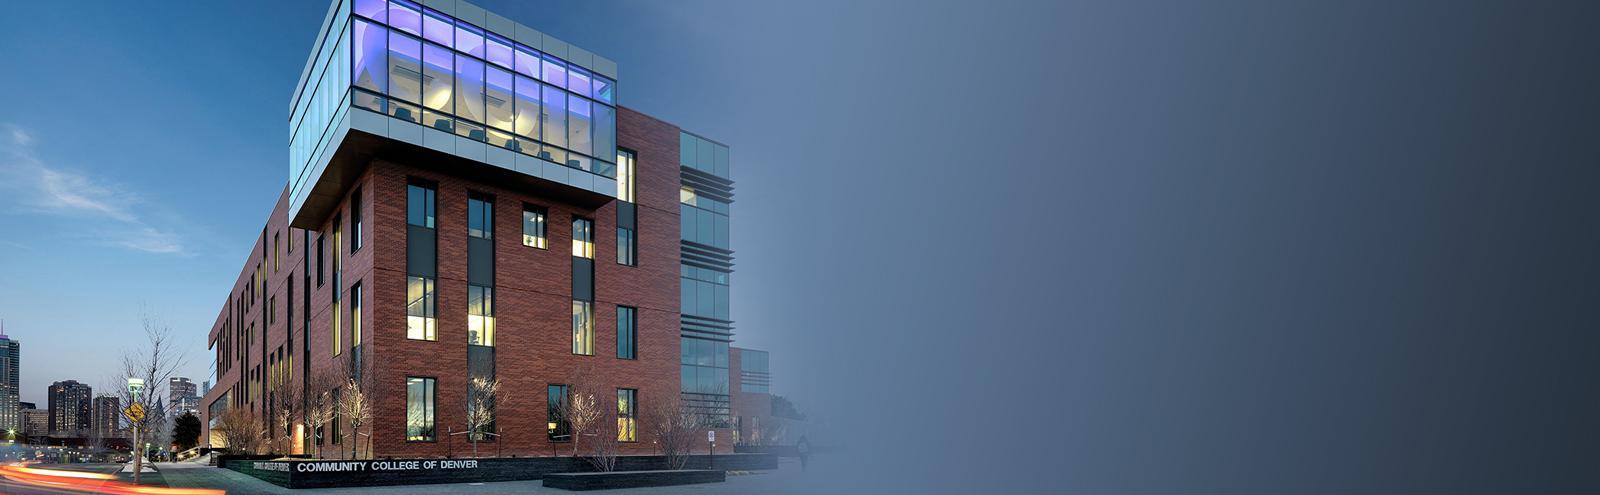 Confluence Building at Auraria Campus